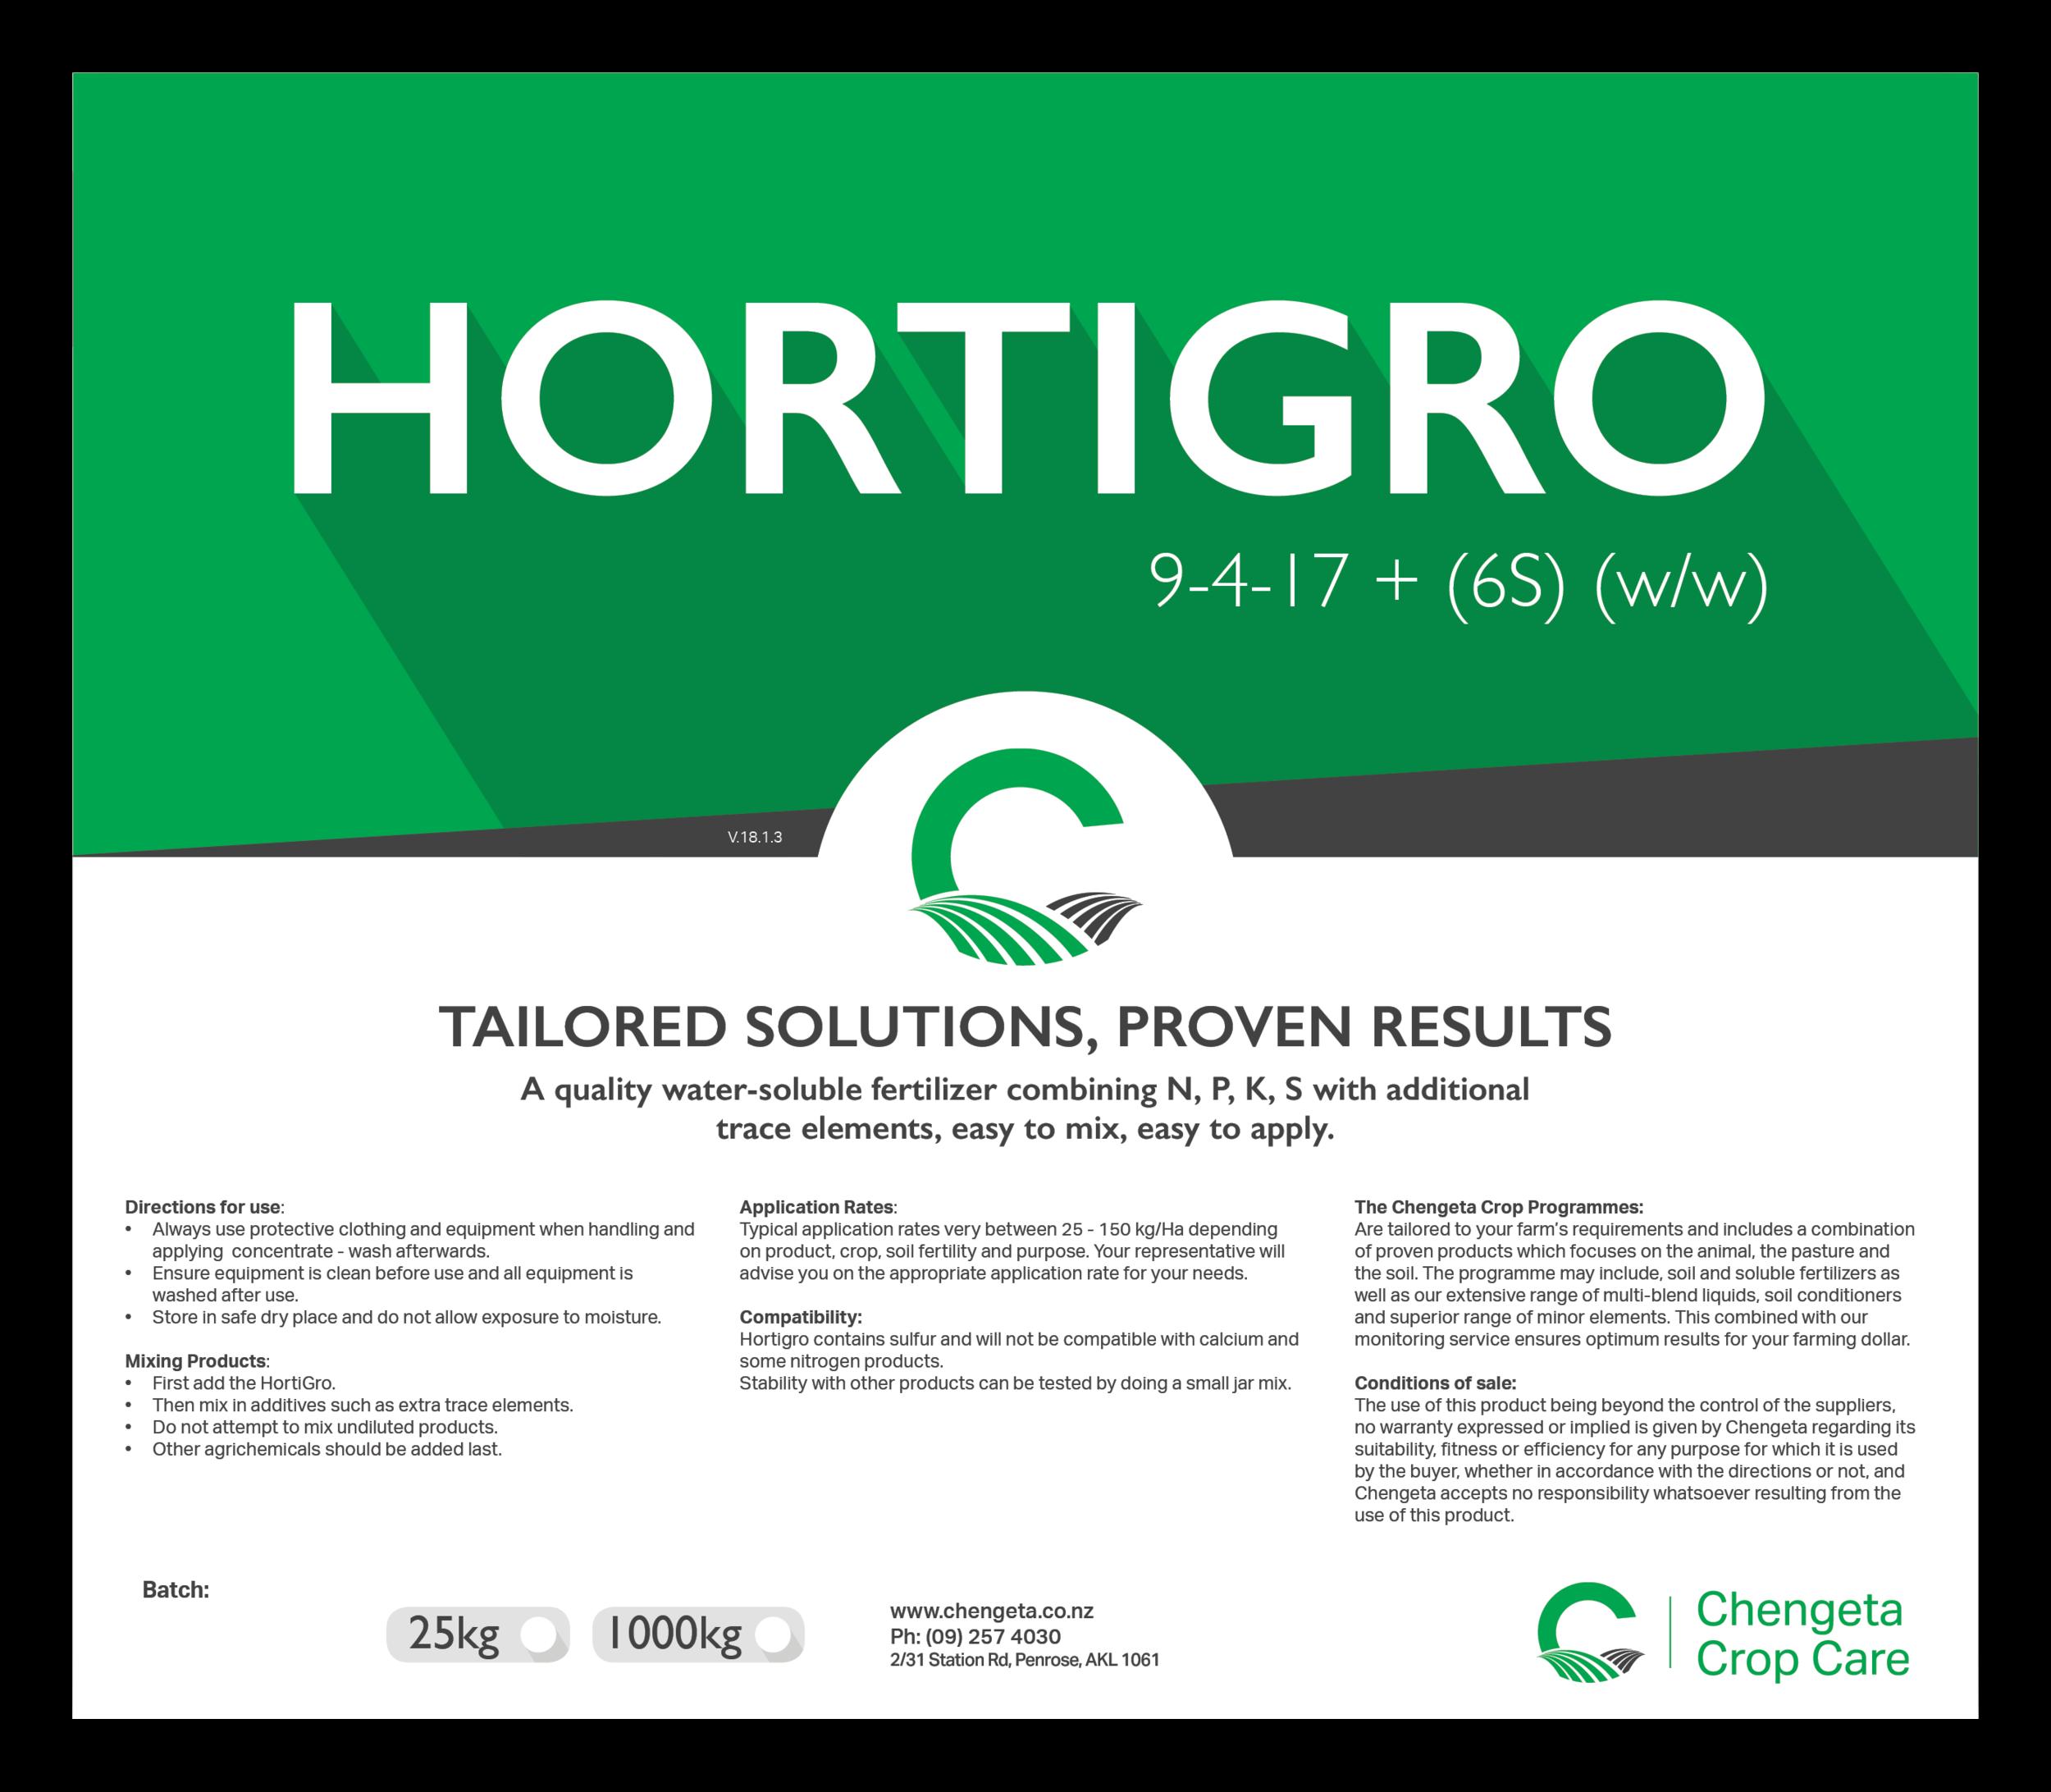 Hortigro (v.18.1.3) [25, 1000].png